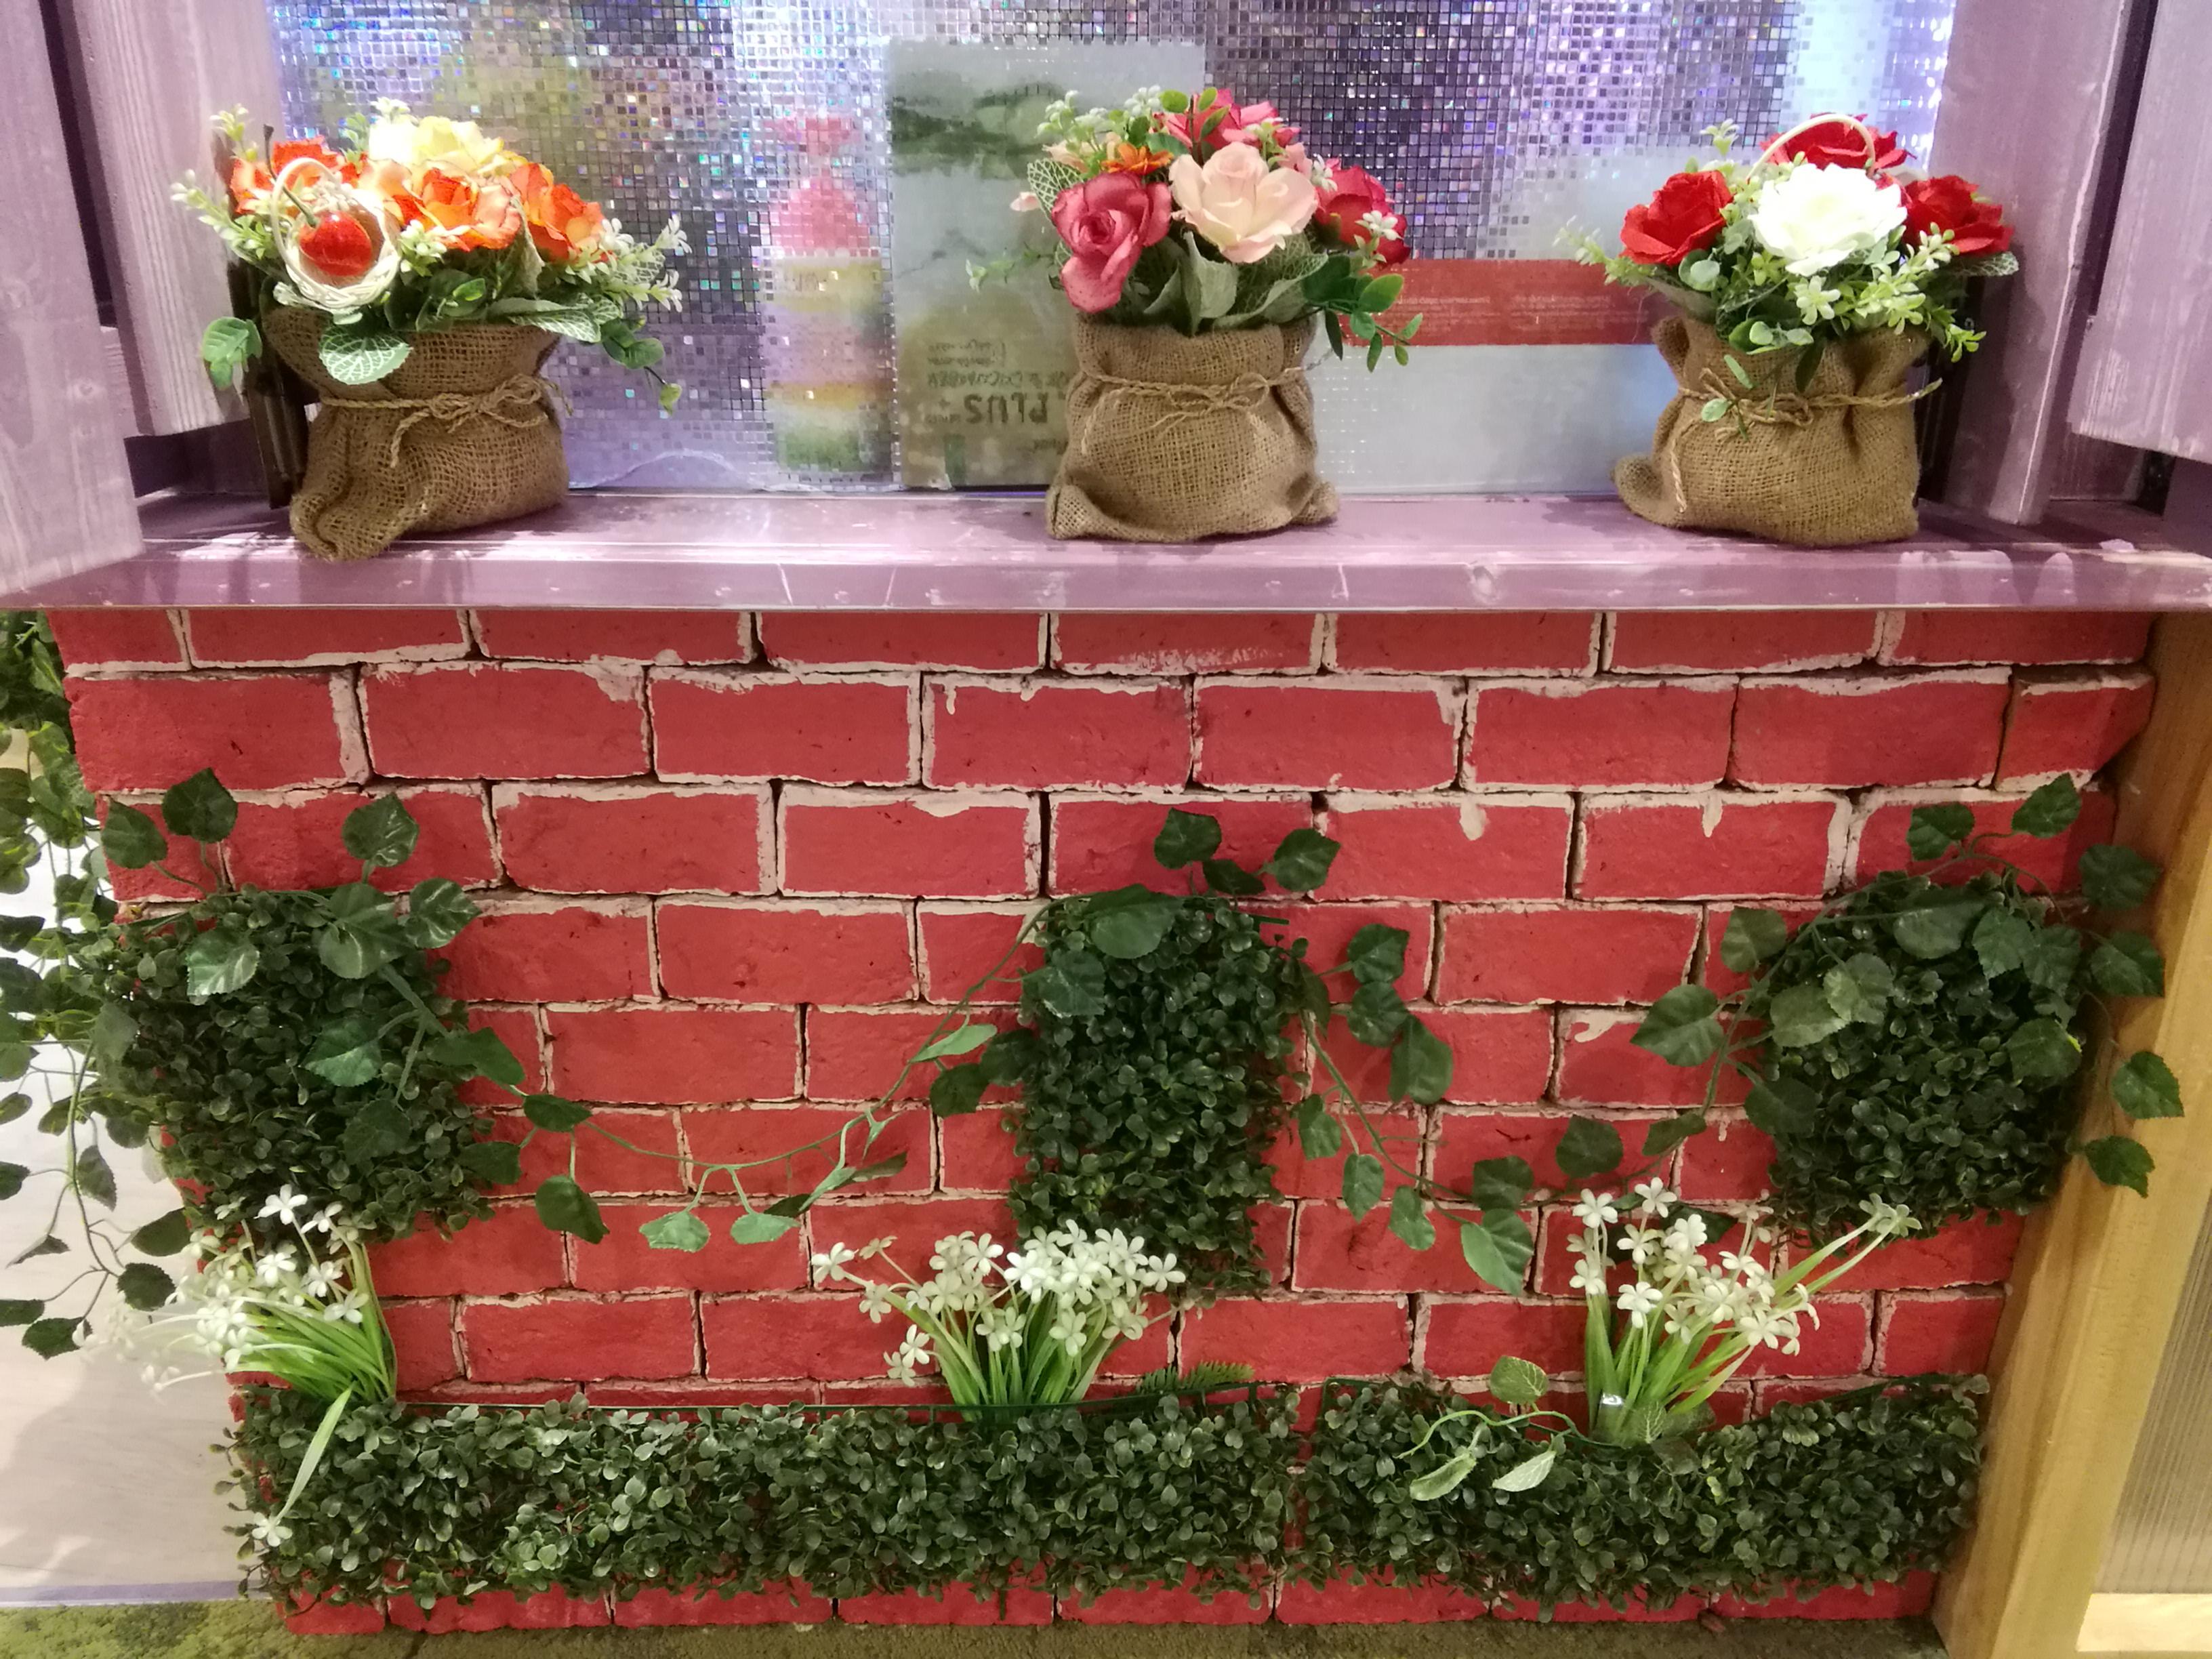 Poze Flori Plante Decor Proiecta Interior Cărămizi